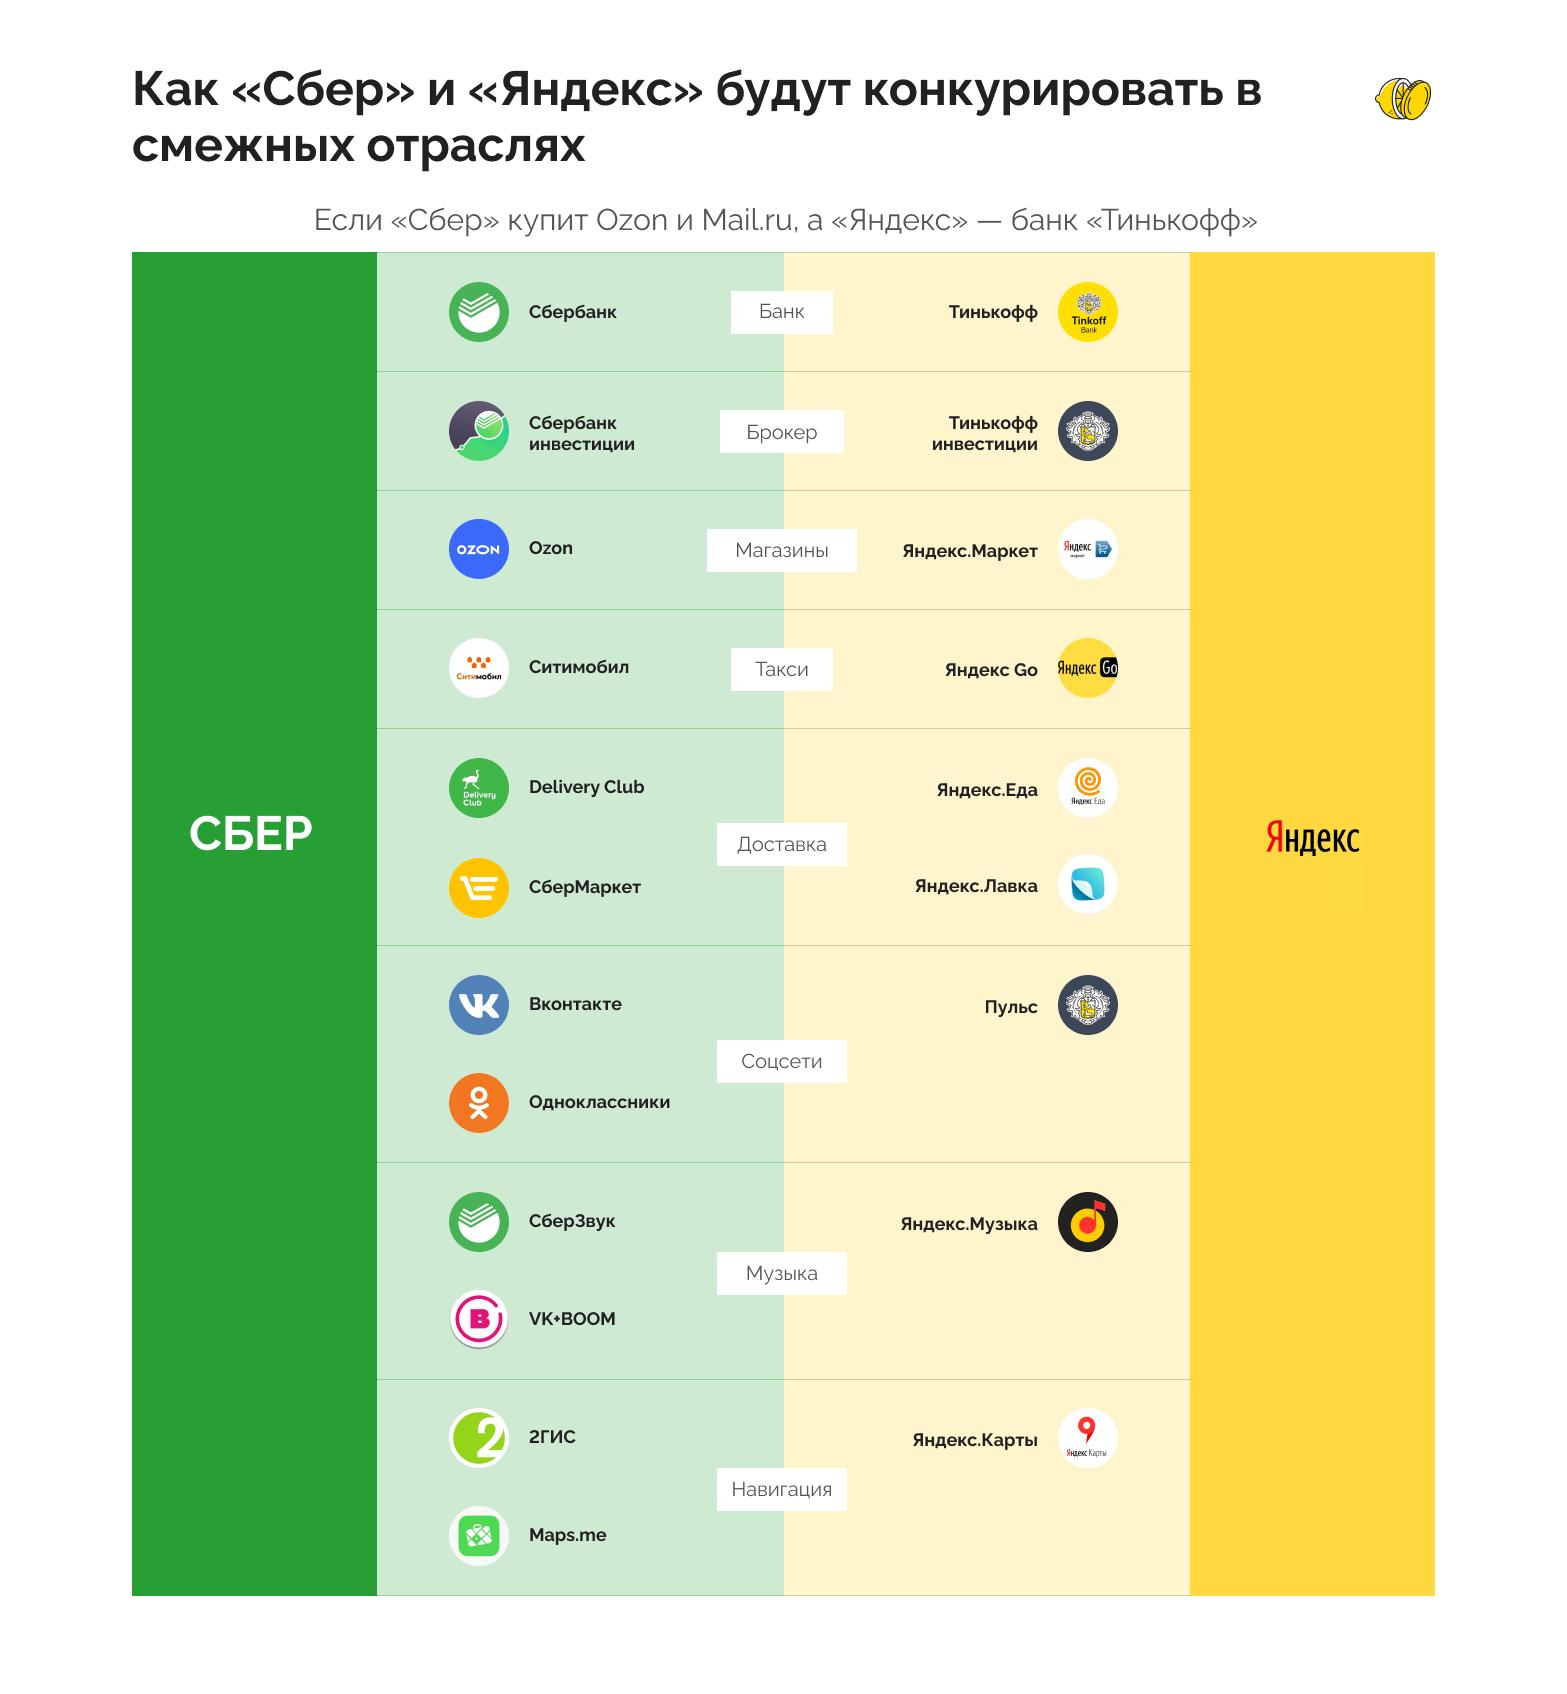 Грозит ли конкуренция «Сбера» и «Яндекса» обычным людям и инвесторам?